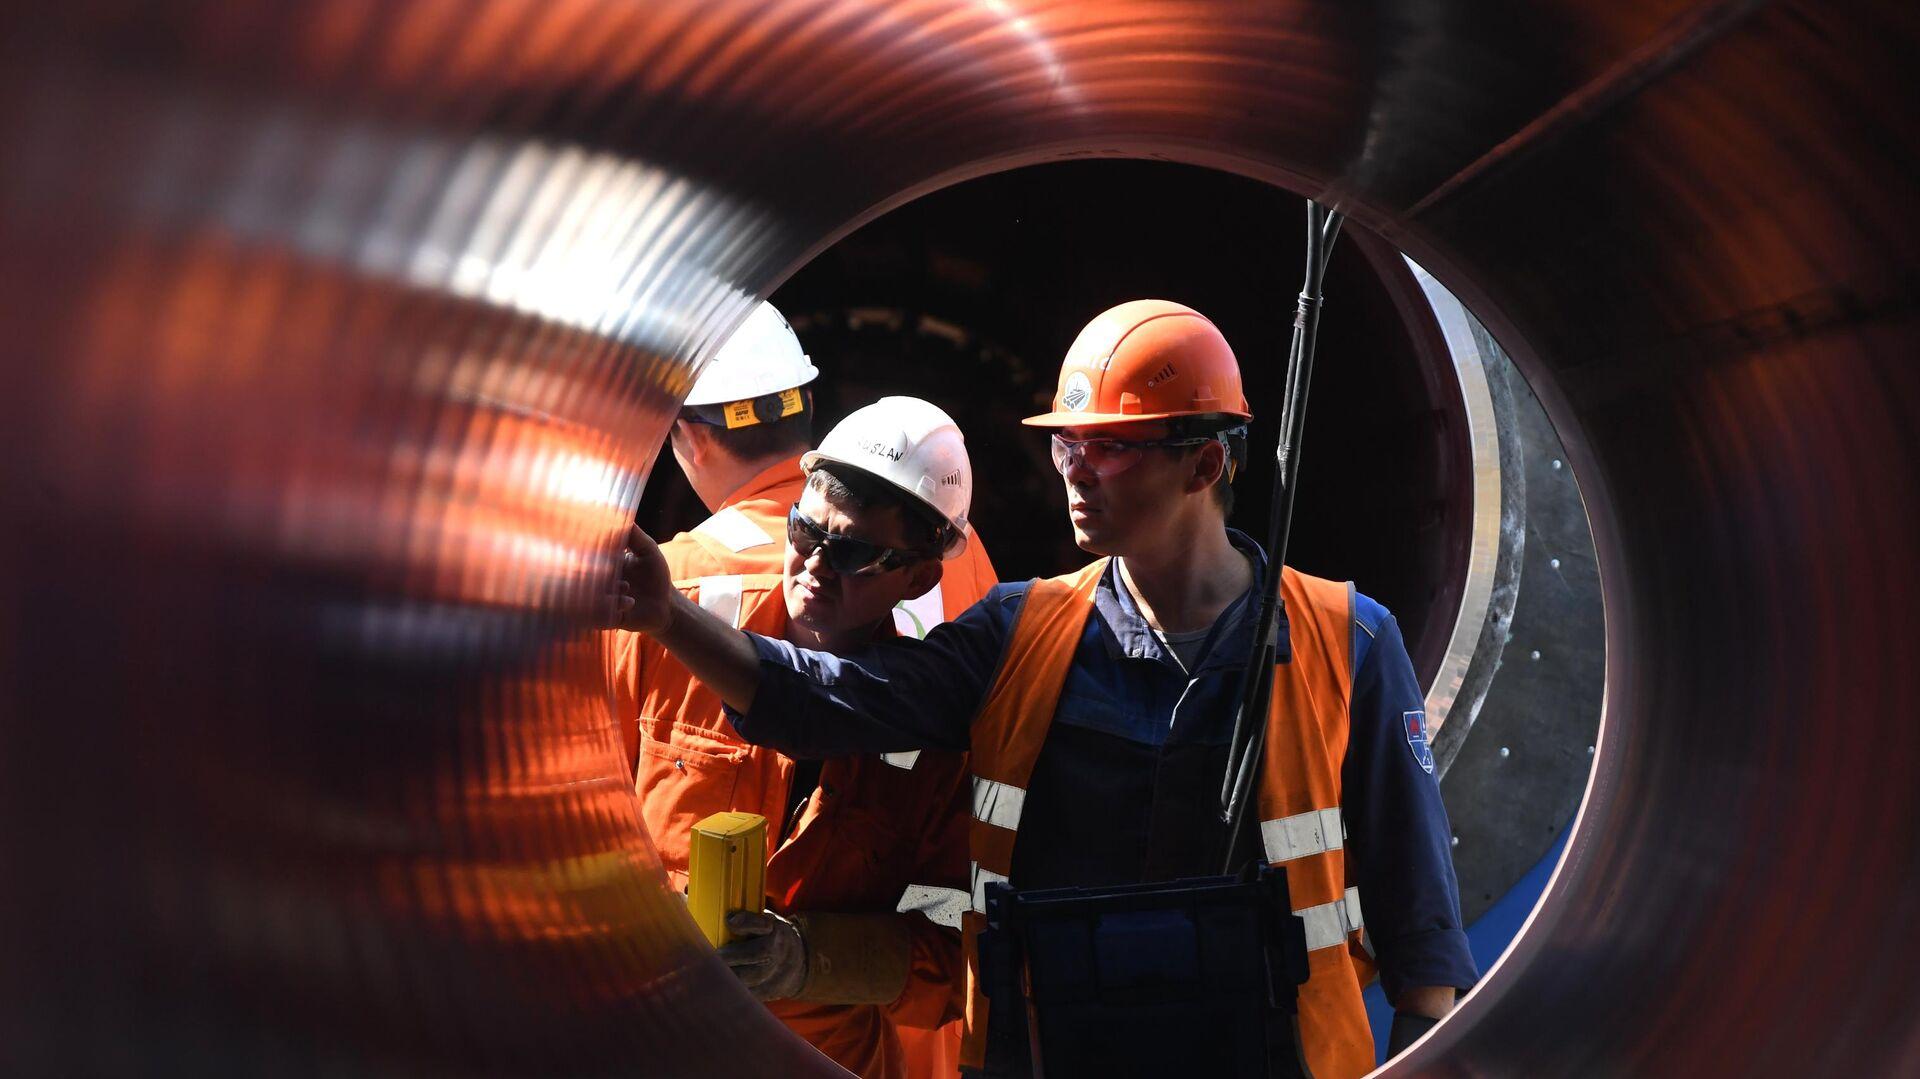 Рабочие на участке строительства газопровода Северный поток-2 в Ленинградской области - РИА Новости, 1920, 08.06.2021